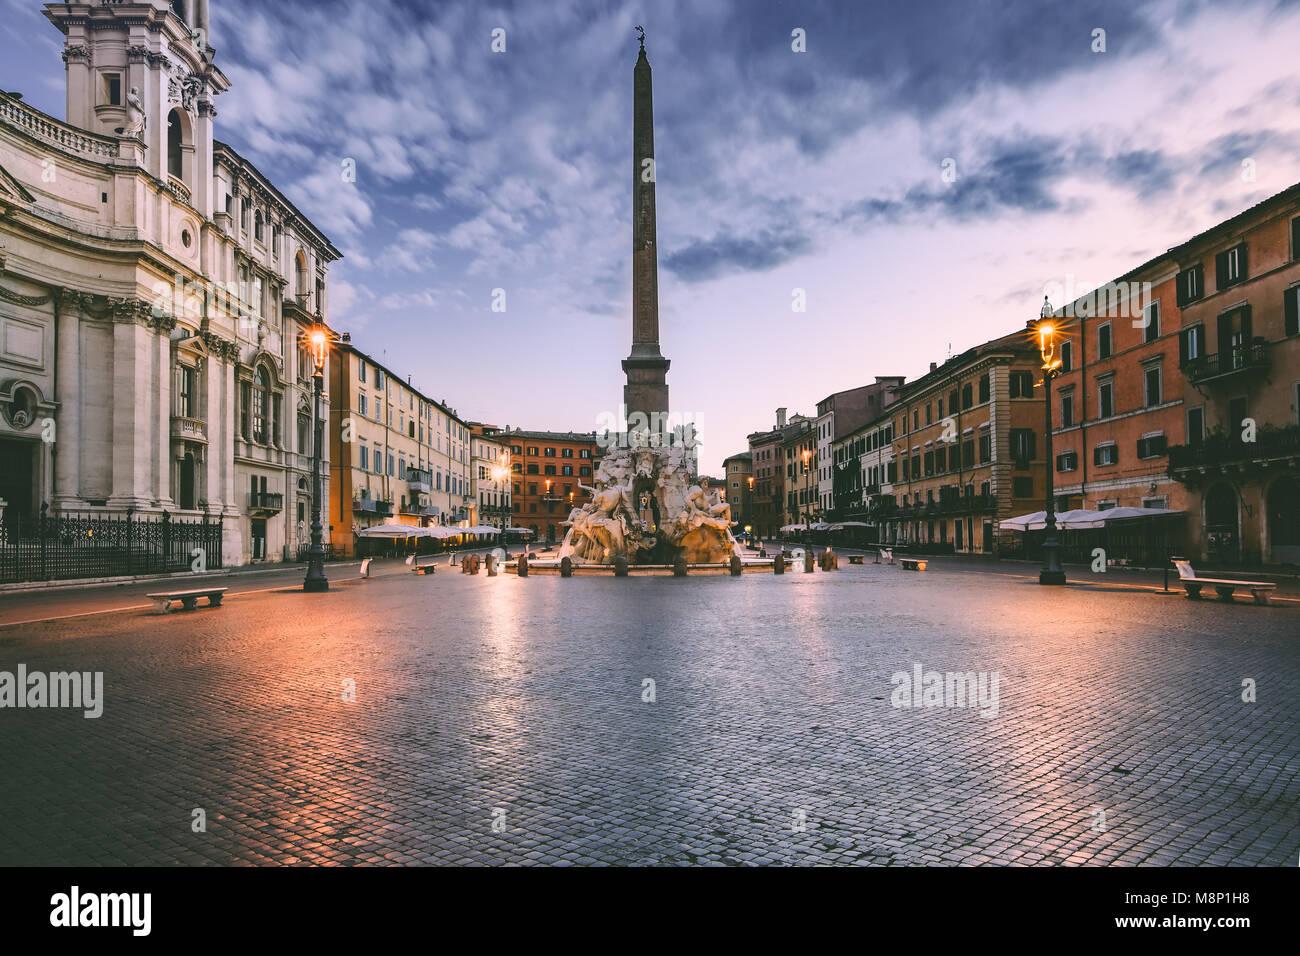 Piazza Navona en la mañana, Roma, Italia. Imagen De Stock